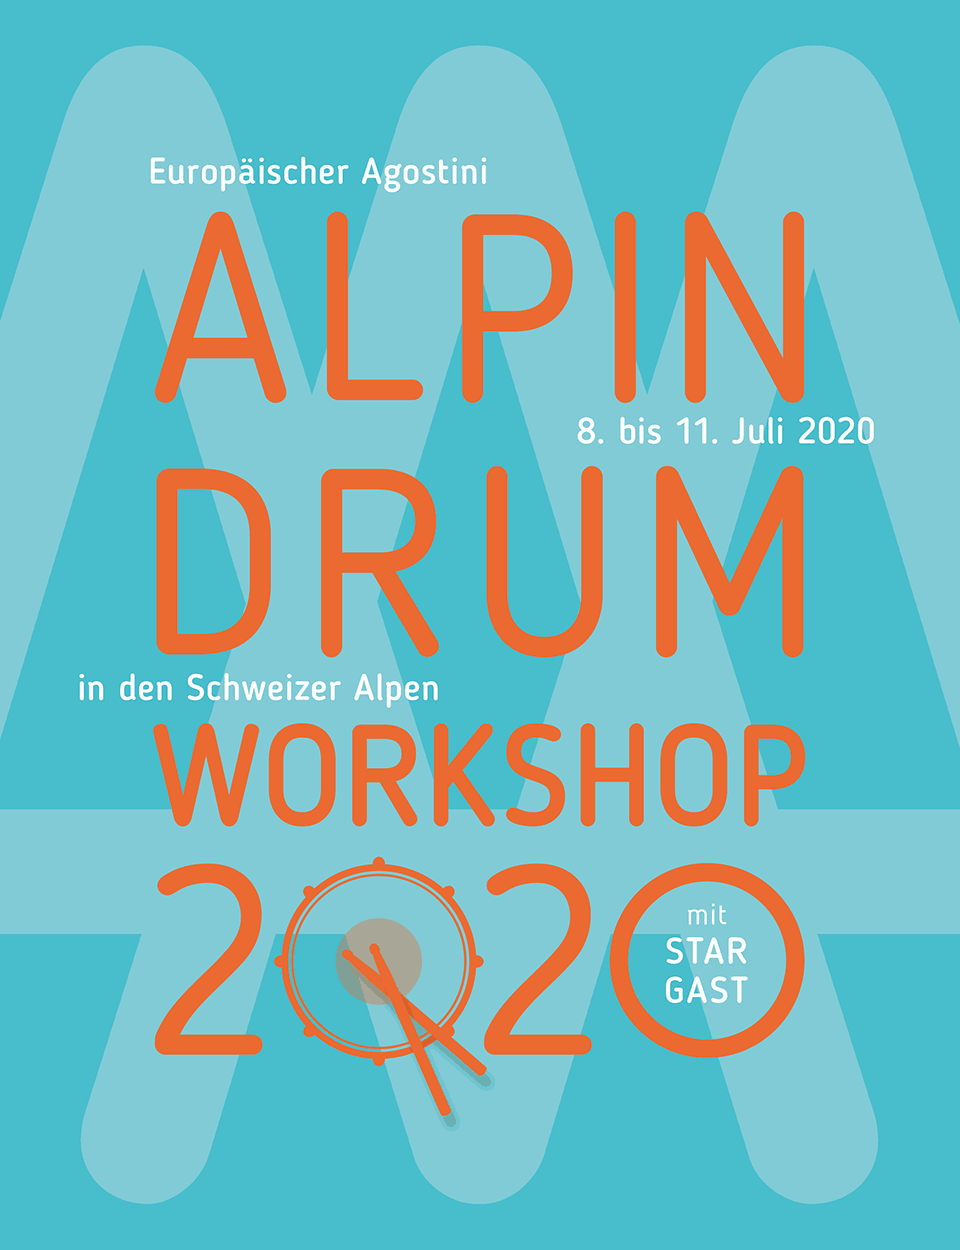 Alpin Drum Workshop 2020, Anmeldung